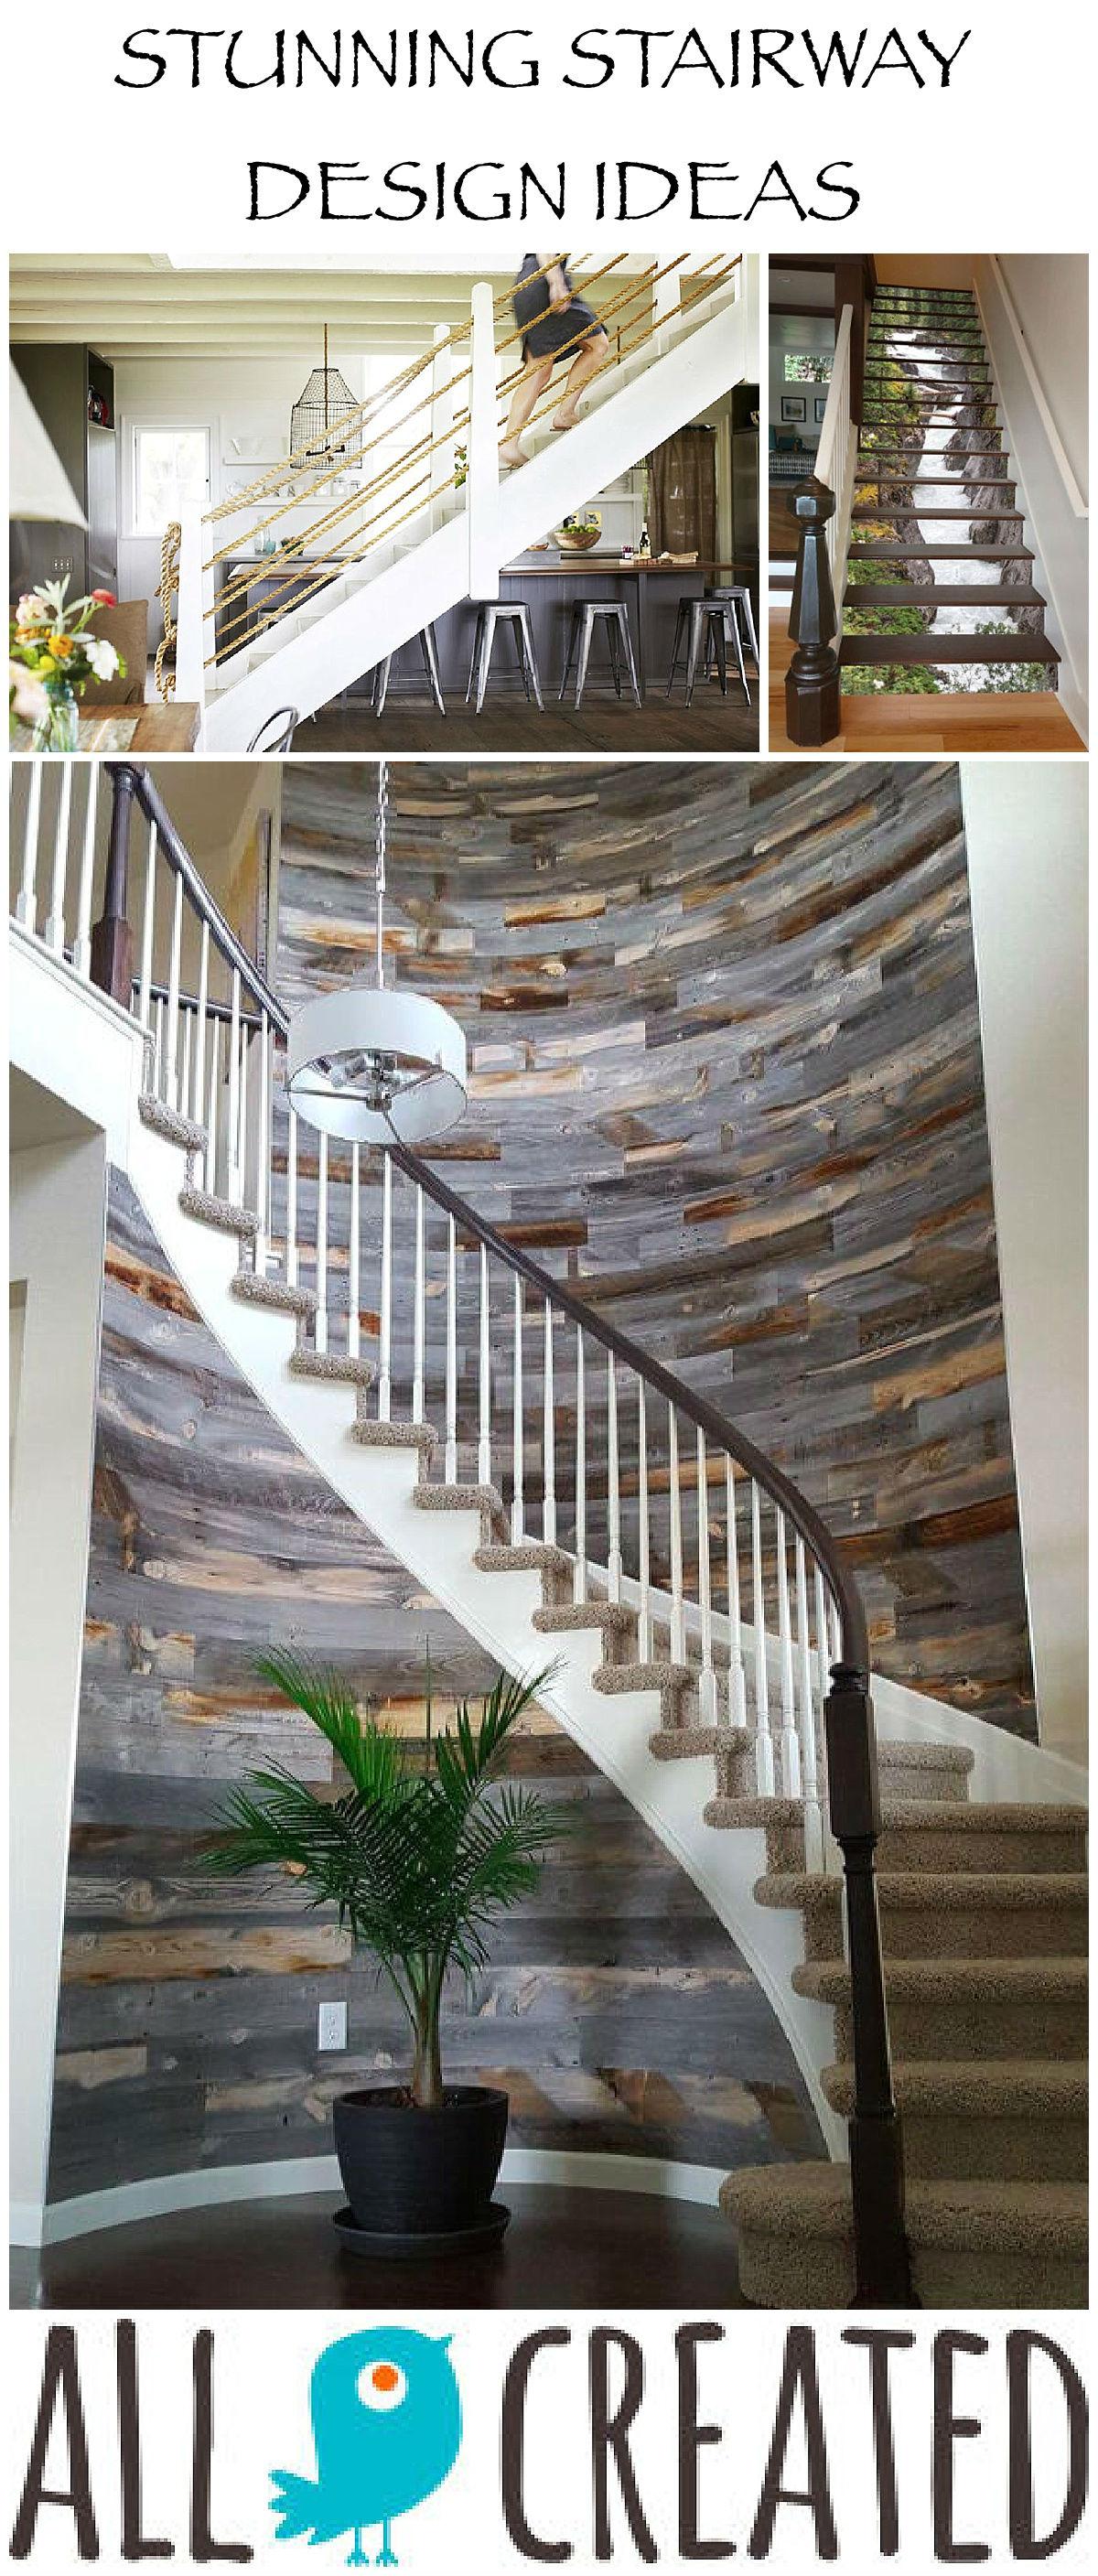 Allcreated   Stairway Design